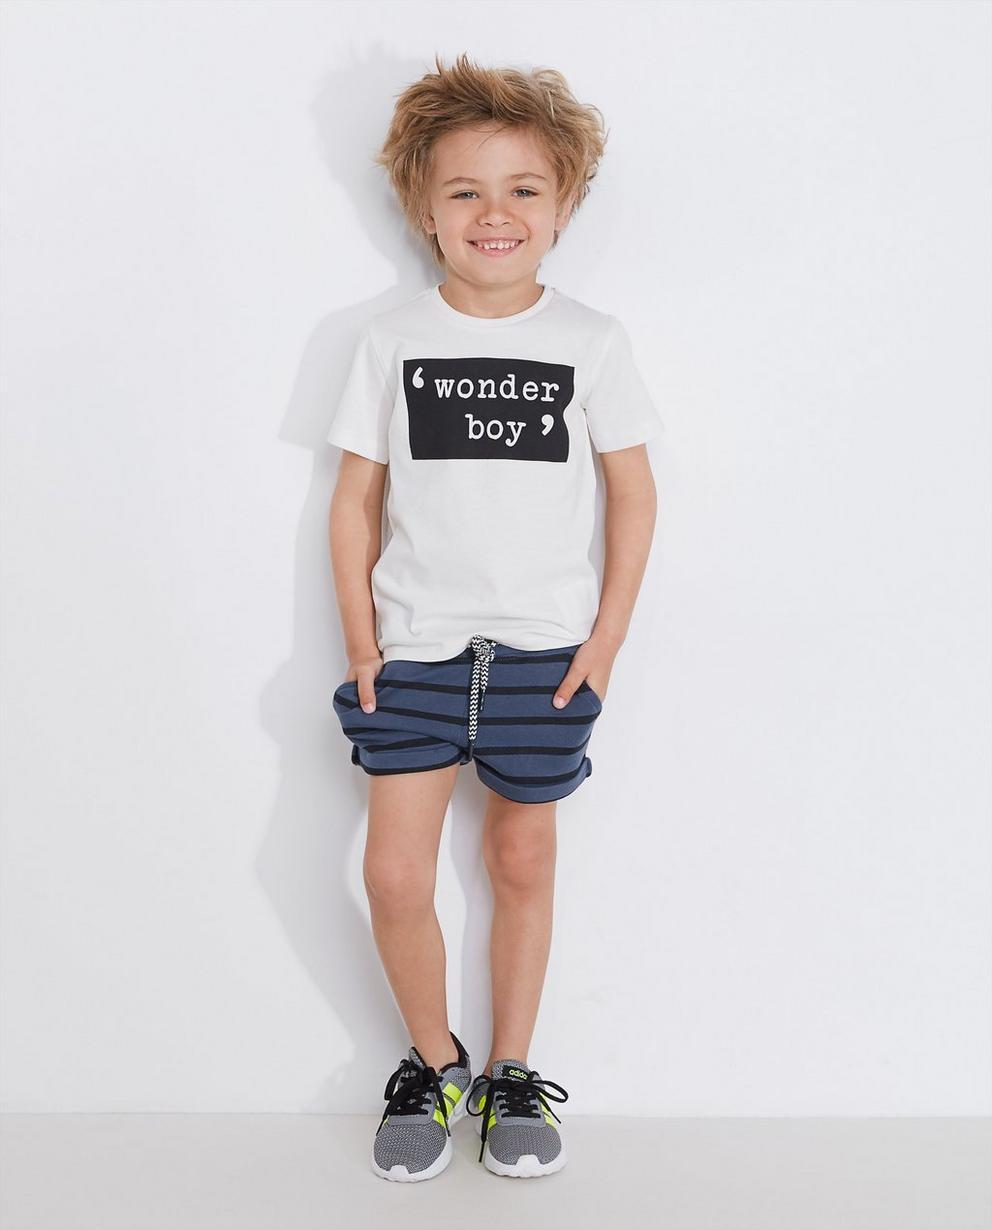 Statement T-shirt - in okergeel, BESTies - Besties